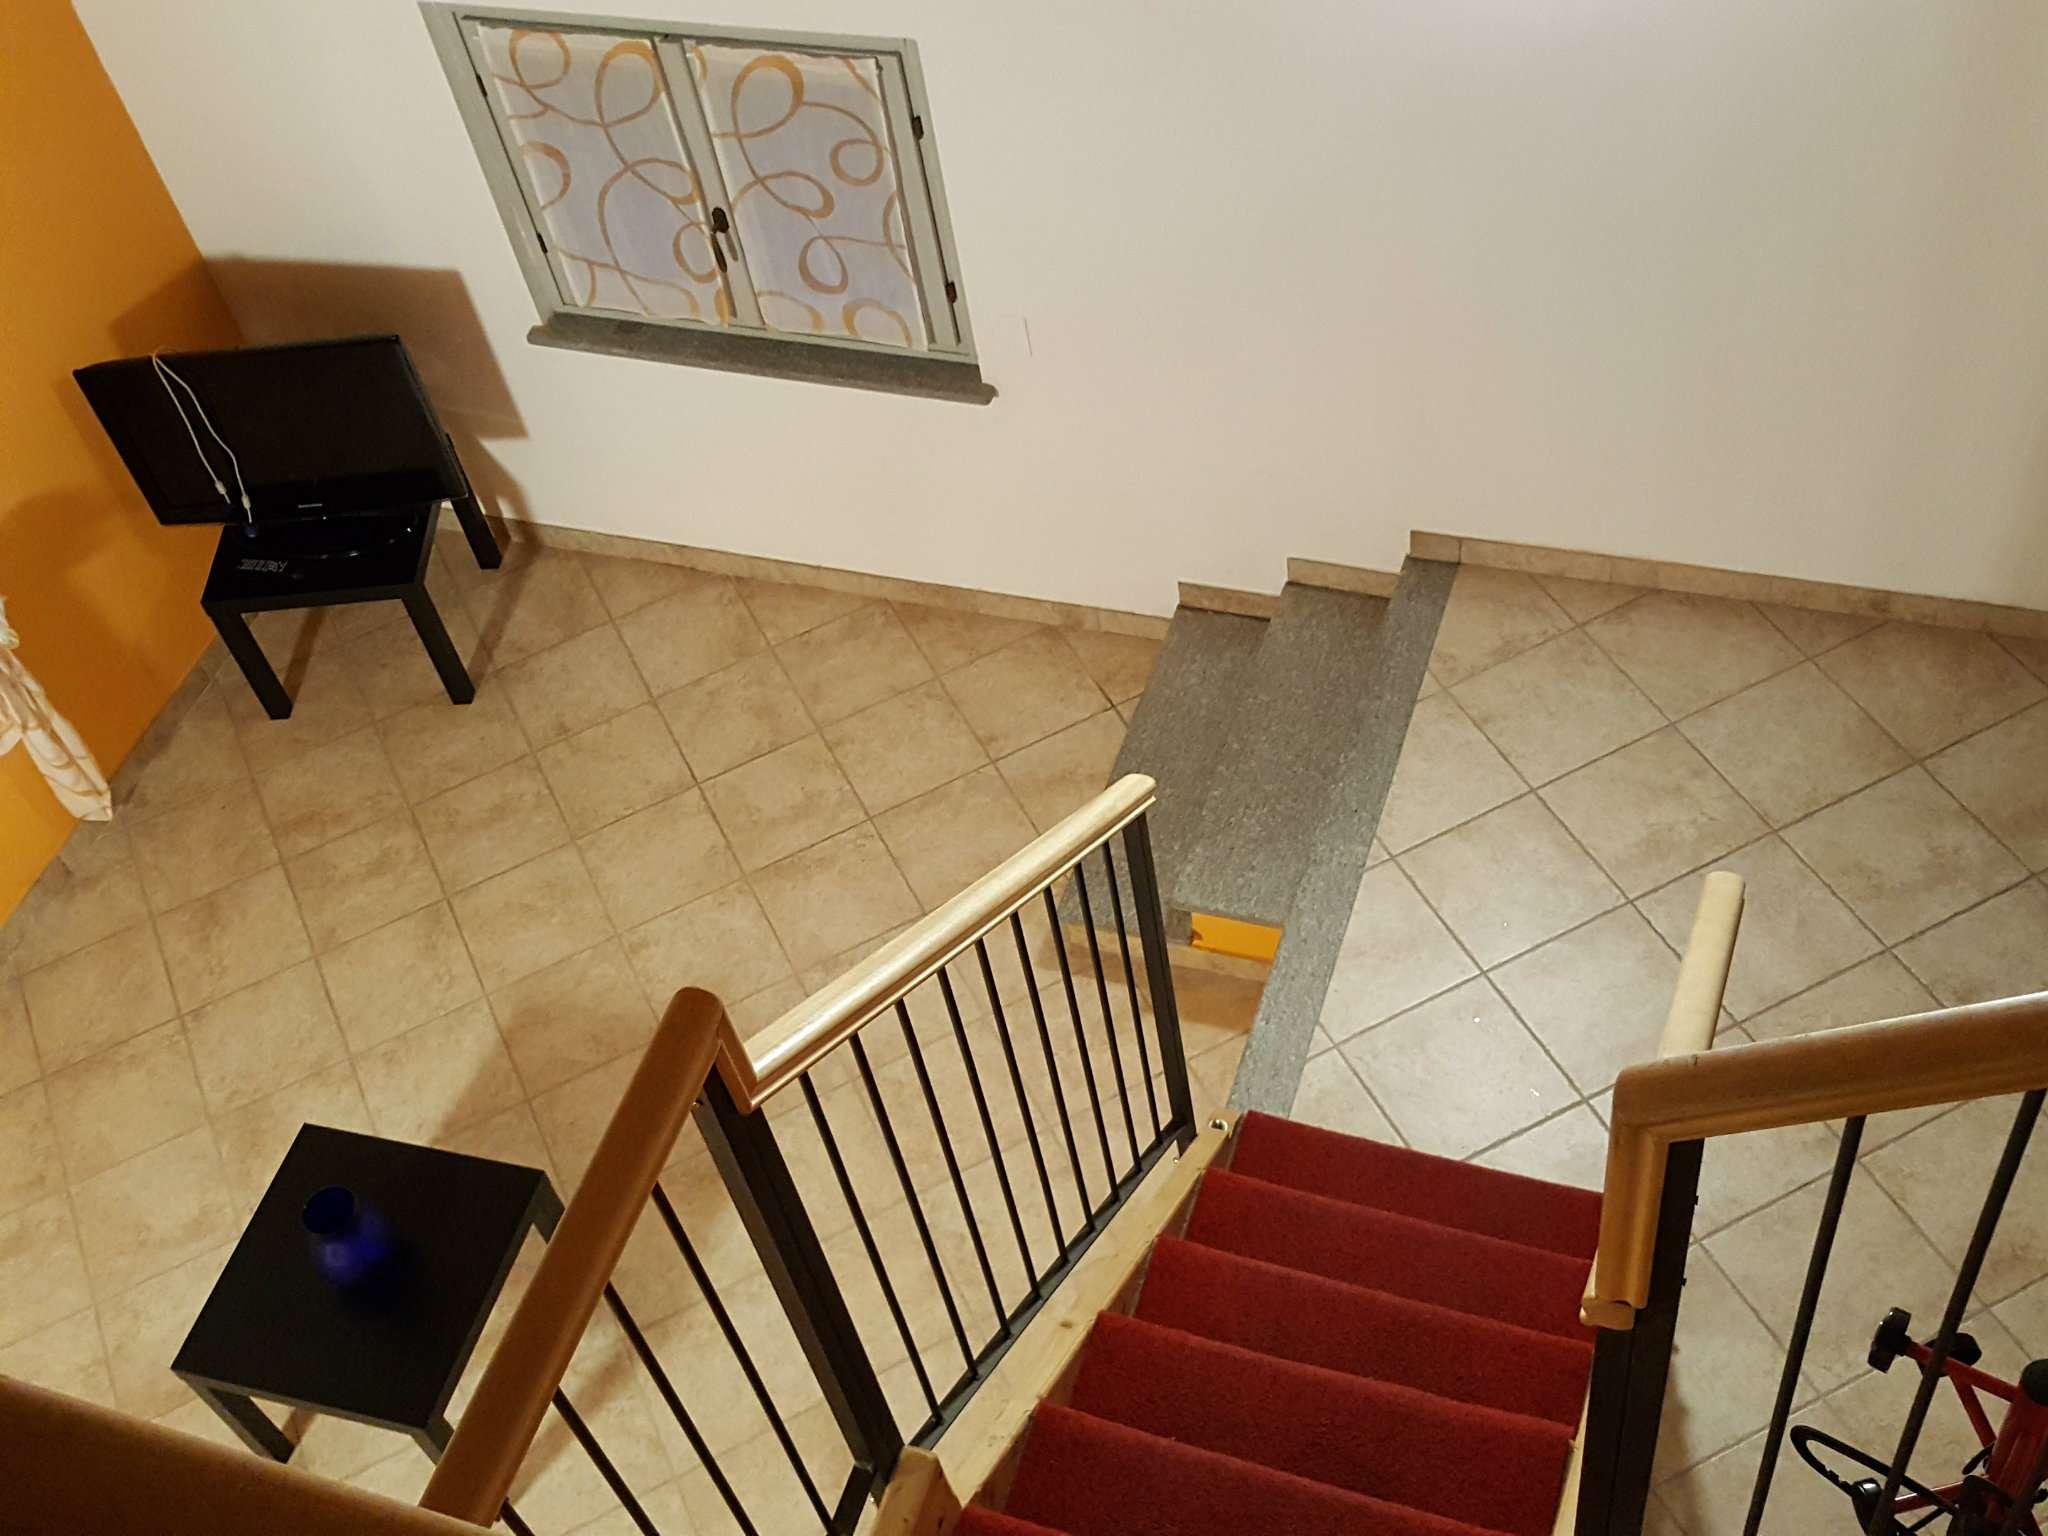 Attico / Mansarda in affitto a Grugliasco, 4 locali, prezzo € 750 | Cambio Casa.it